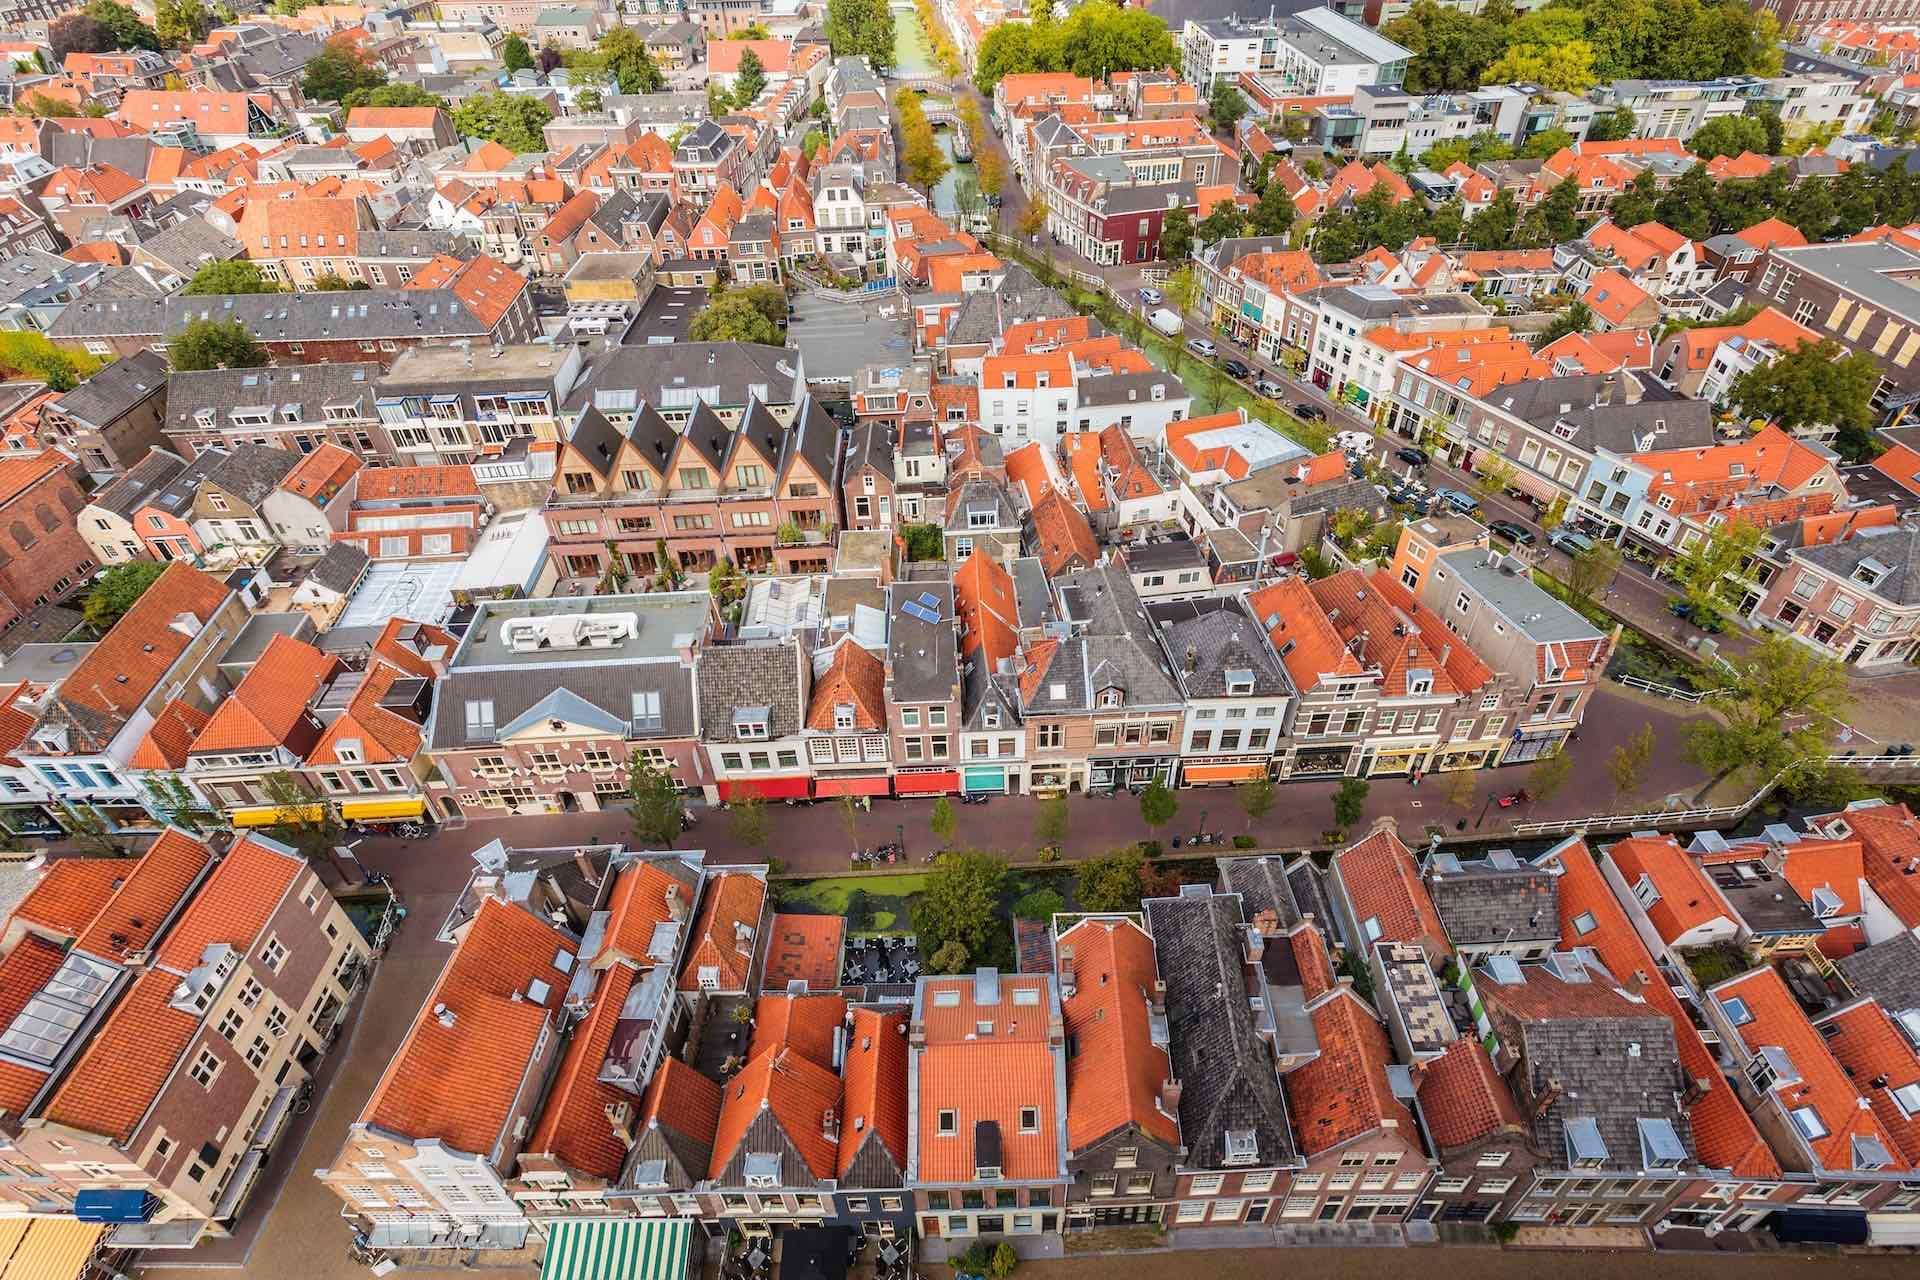 Oude binnenstad 1920